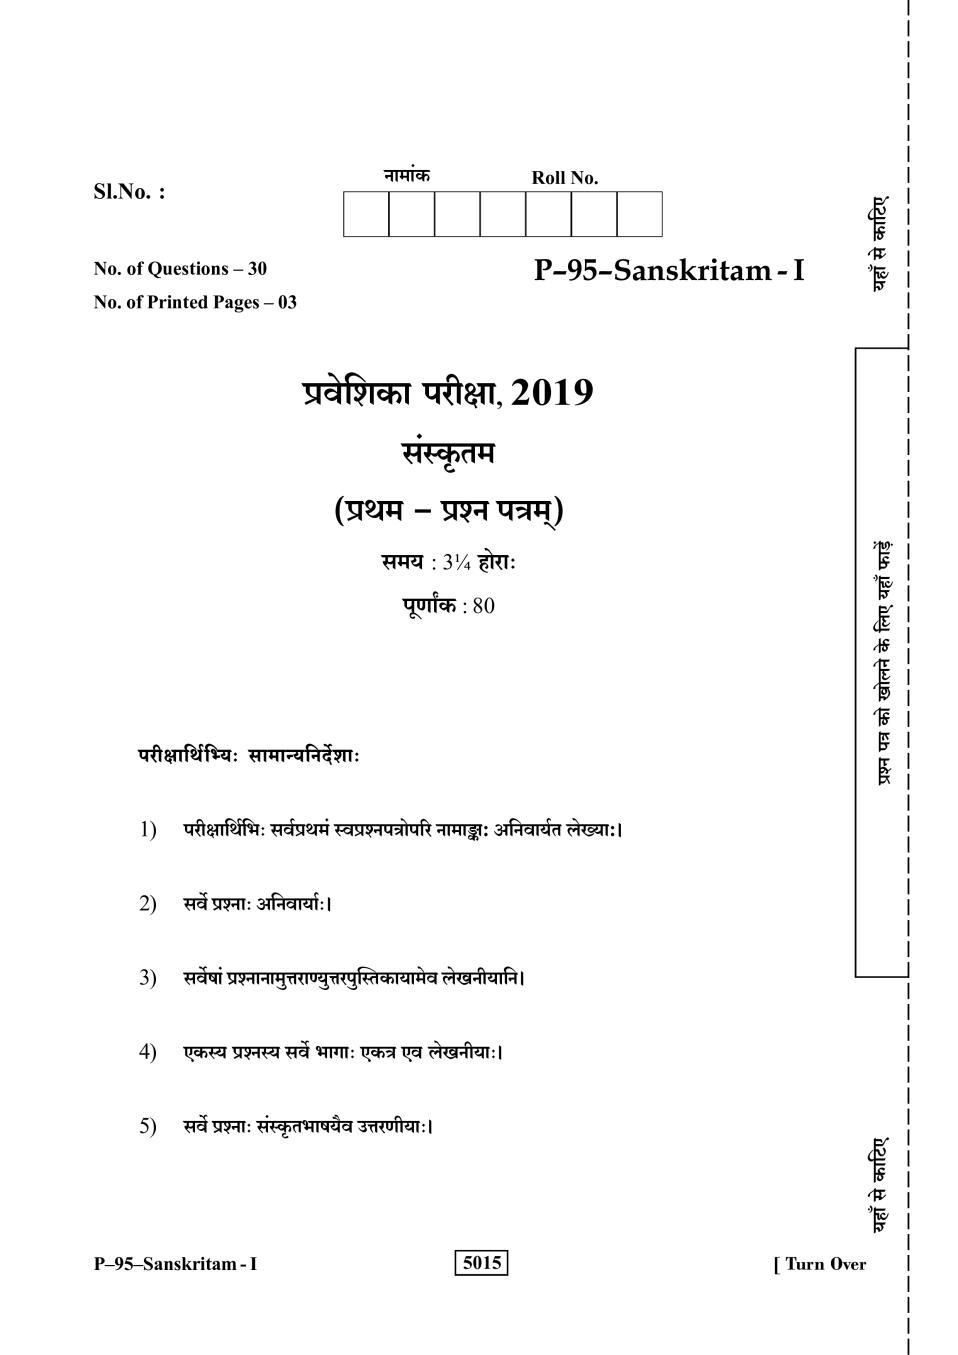 Rajasthan Board Praveshika Sanskrit I Question Paper 2019 - Page 1